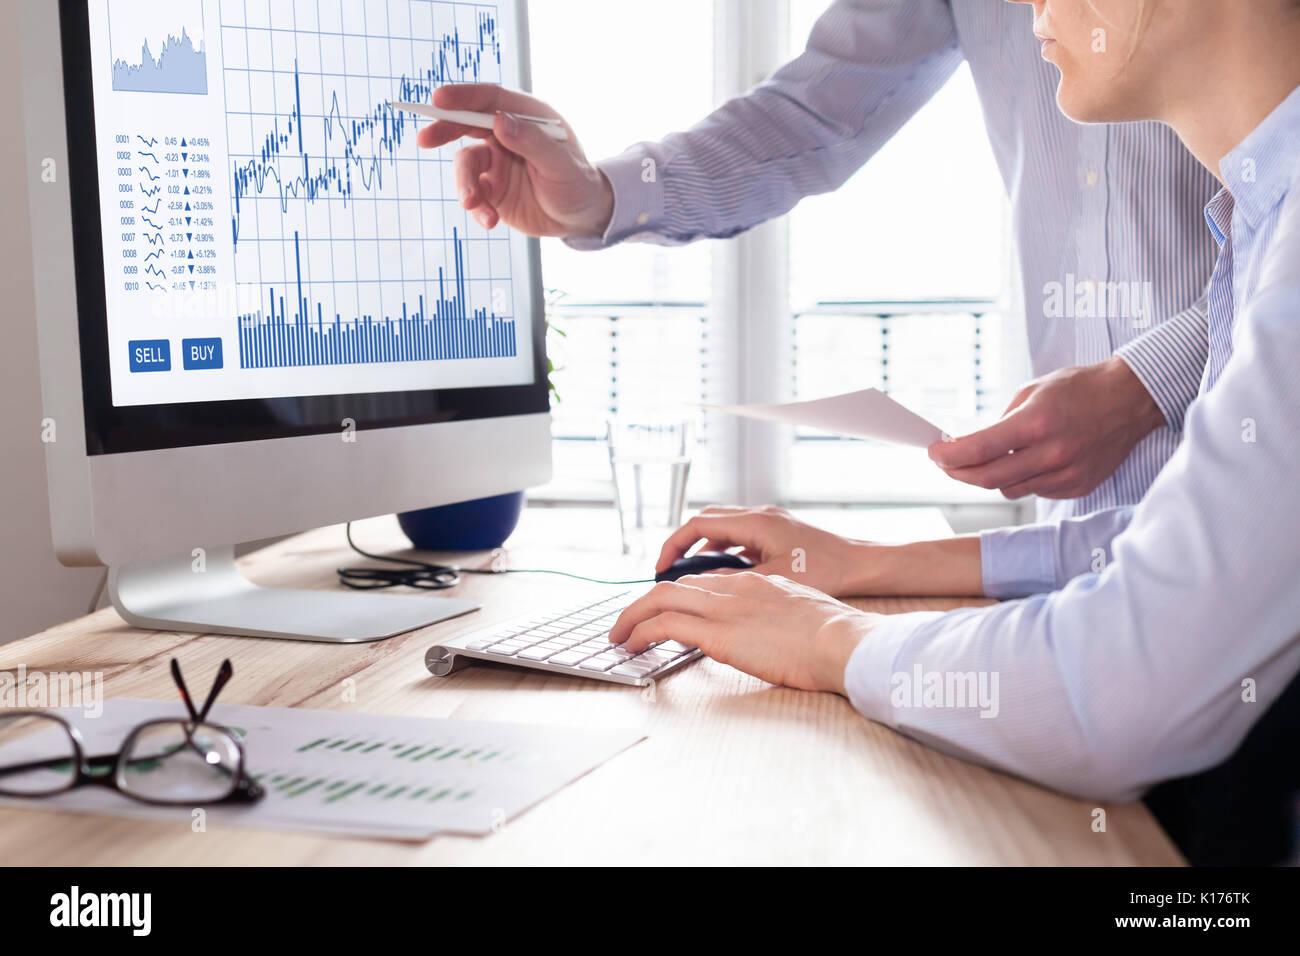 Team der Händler arbeiten mit Forex (Foreign Exchange) Handel Diagramme und Grafiken auf dem Bildschirm, ein Konzept über die Börse Investment, Finanzen, se Stockbild